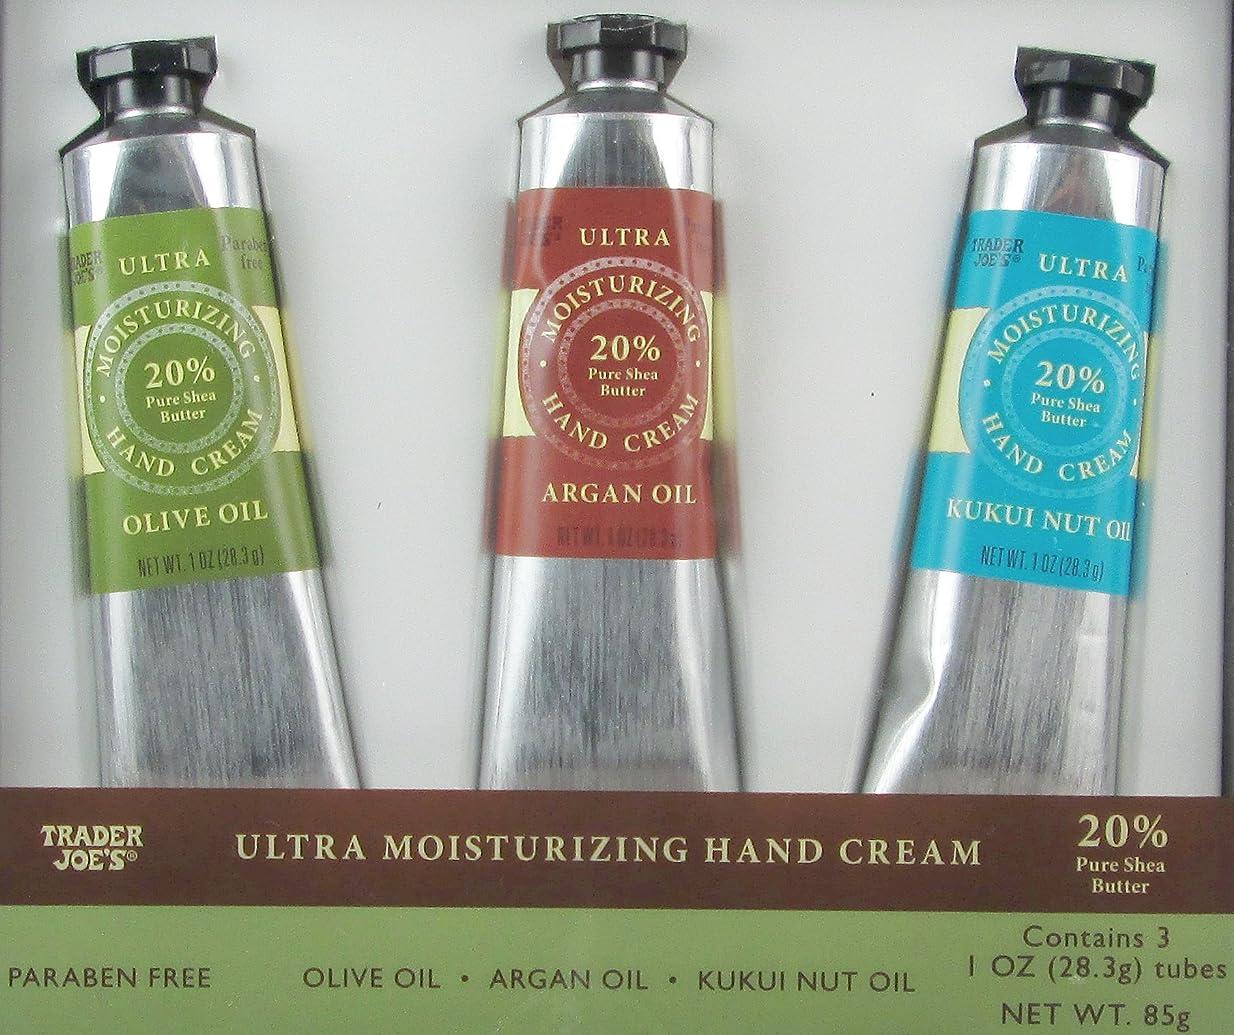 勧告かごびっくりしたトレーダージョーズ ウルトラ モイスチャライジング ハンドクリーム 3種類 ギフトセット Trader Joe's Moisturizing Hand Cream Trio Olive Oil, Argan Oil, Kukui Nut